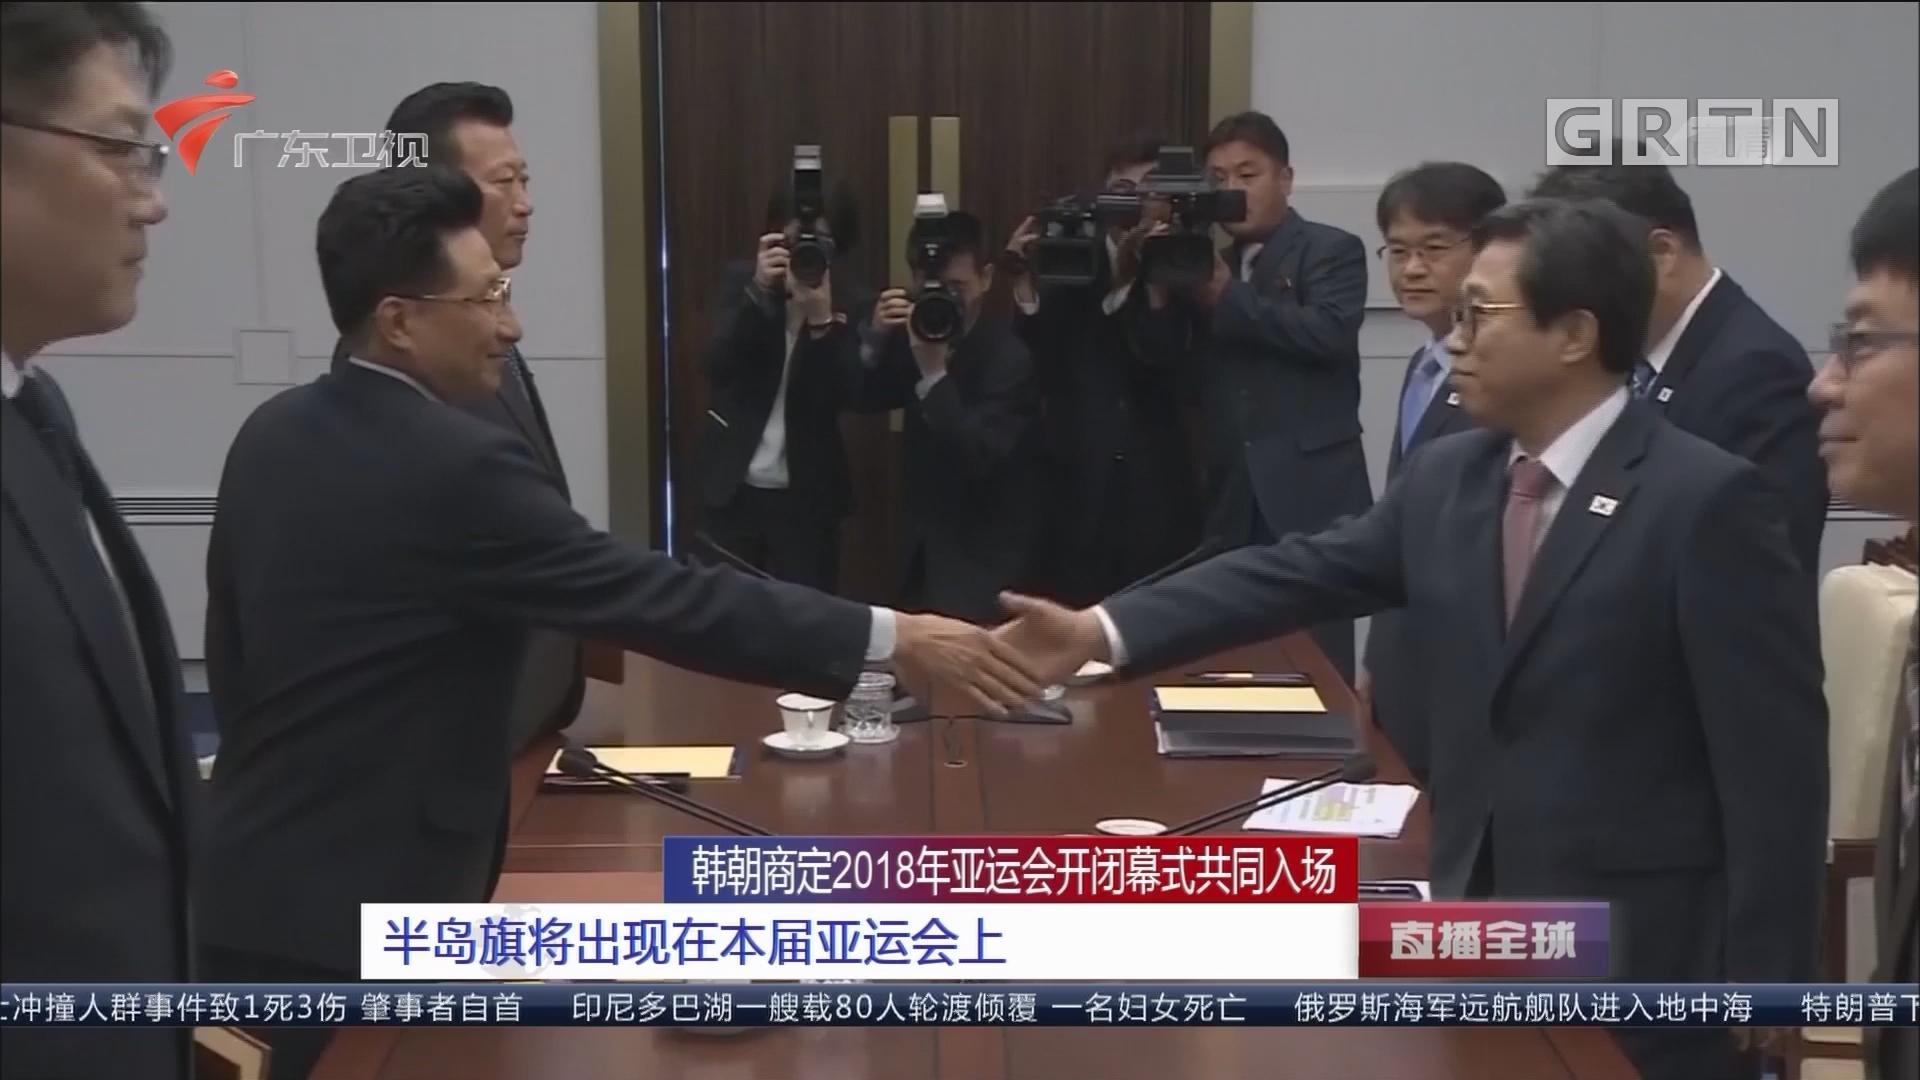 韩朝商定2018年亚运会开闭幕式共同入场:半岛旗将出现在本届亚运会上